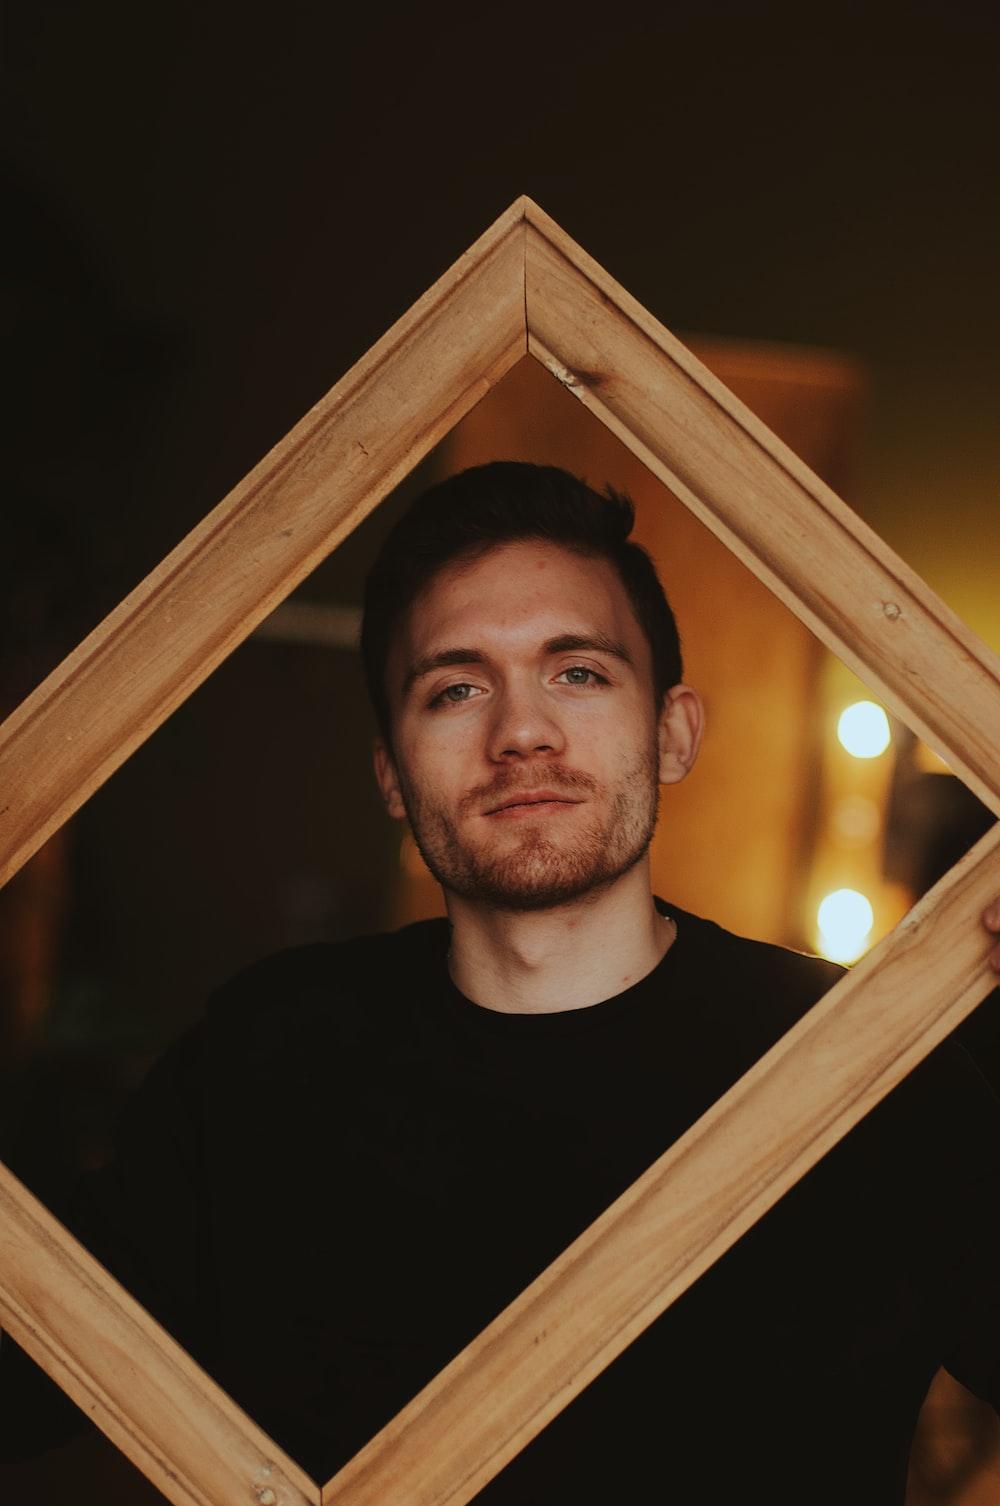 man wearing black shirt holding brown wooden frame